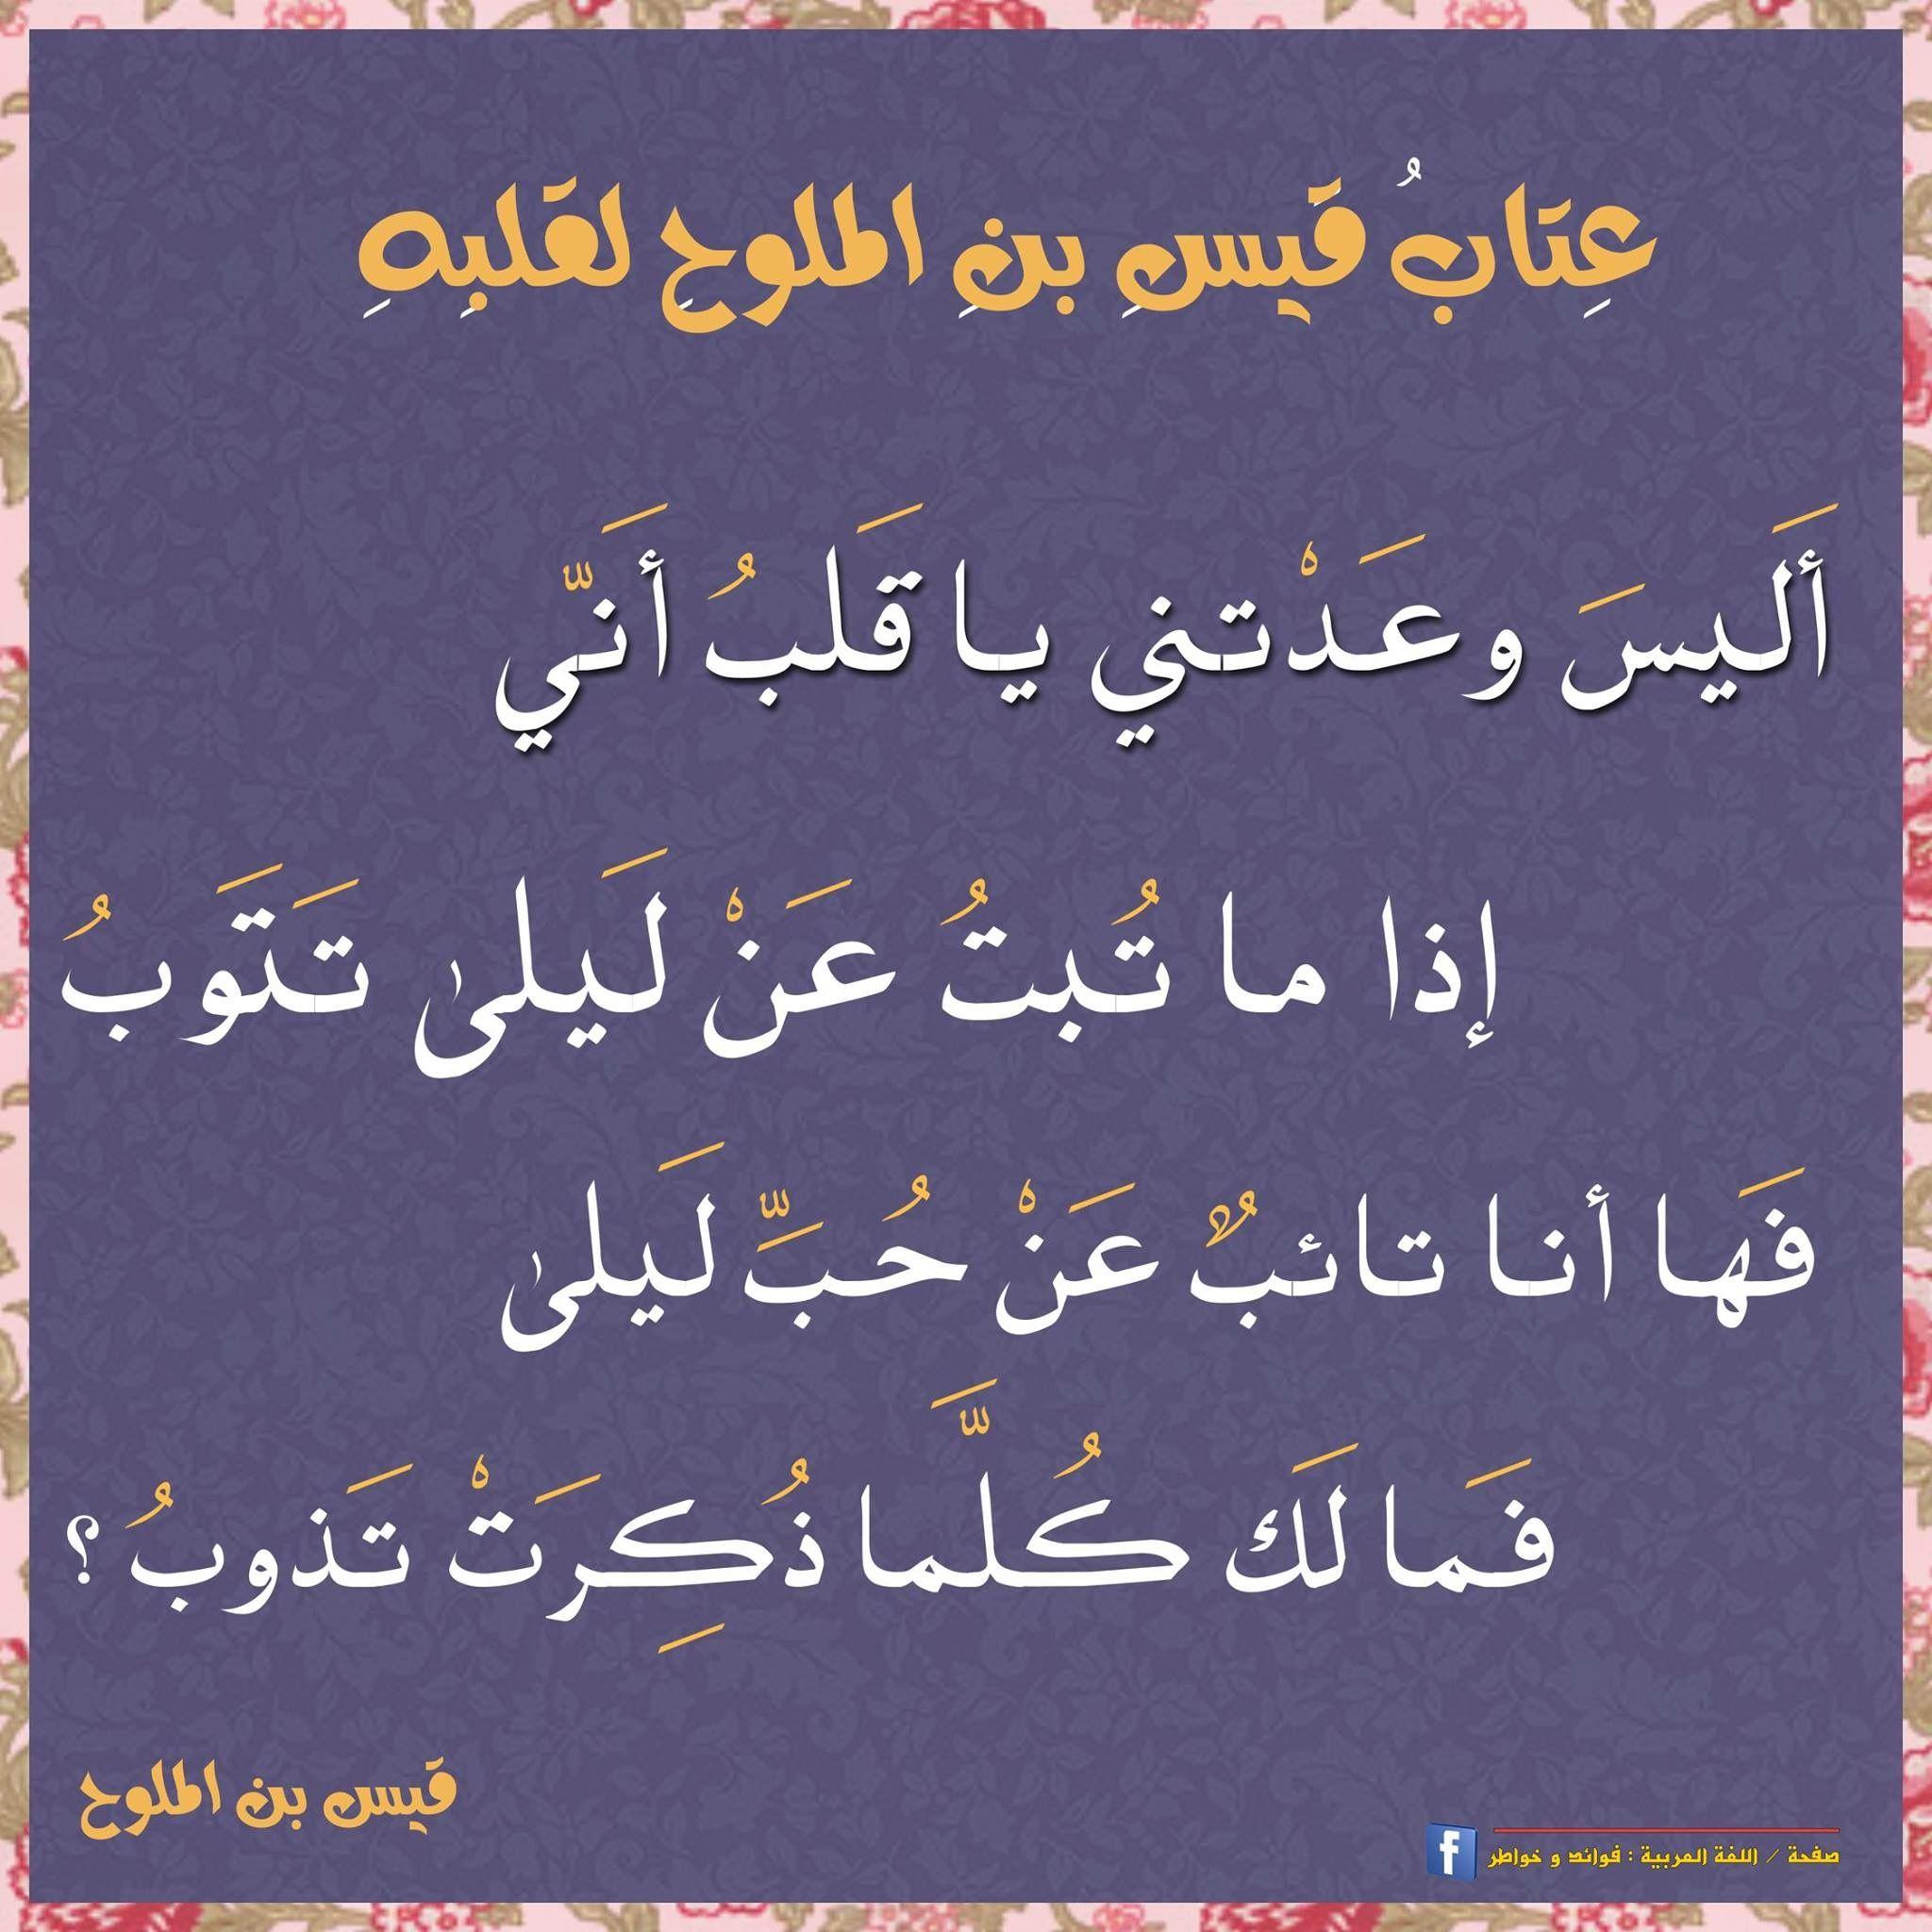 بين الحبيب وقلبه عن المحبوب رسالة عتاب Words Quotes Cool Words Arabic Poetry